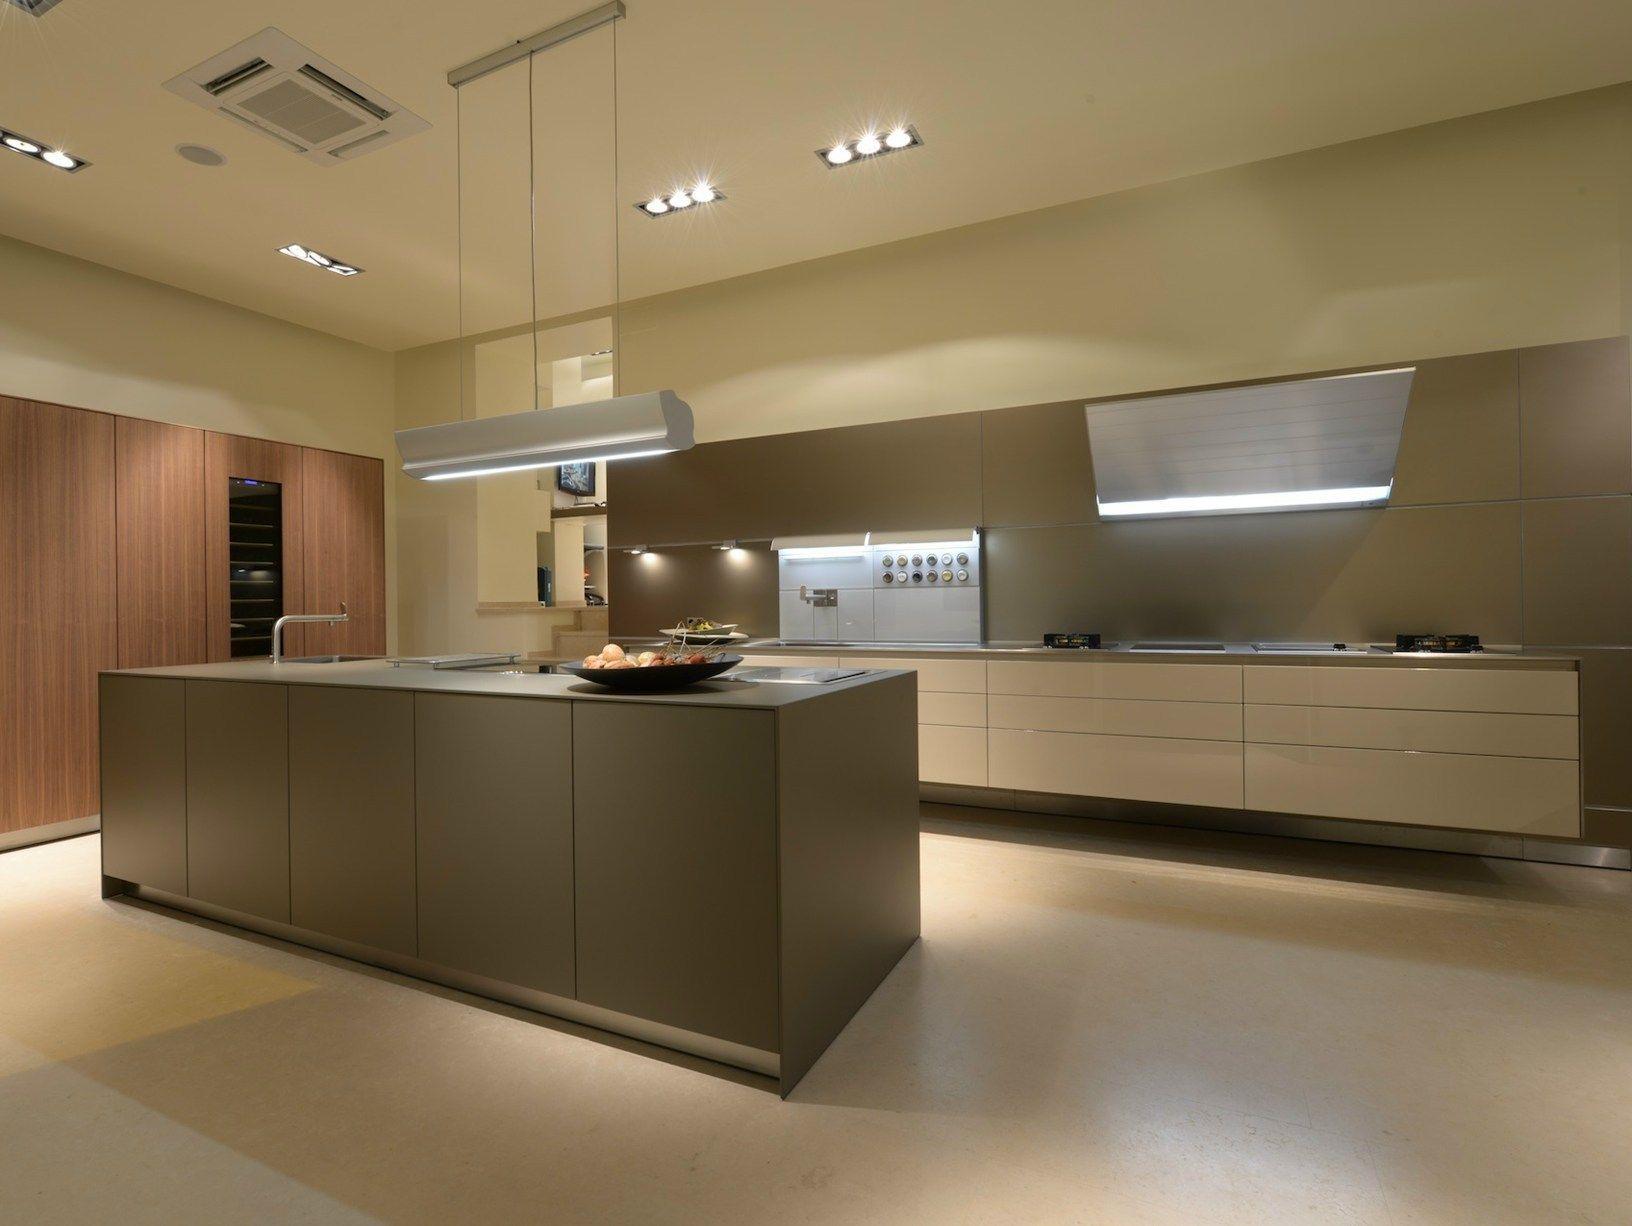 Risultati immagini per bulthaup cucine | cucina | Pinterest ...